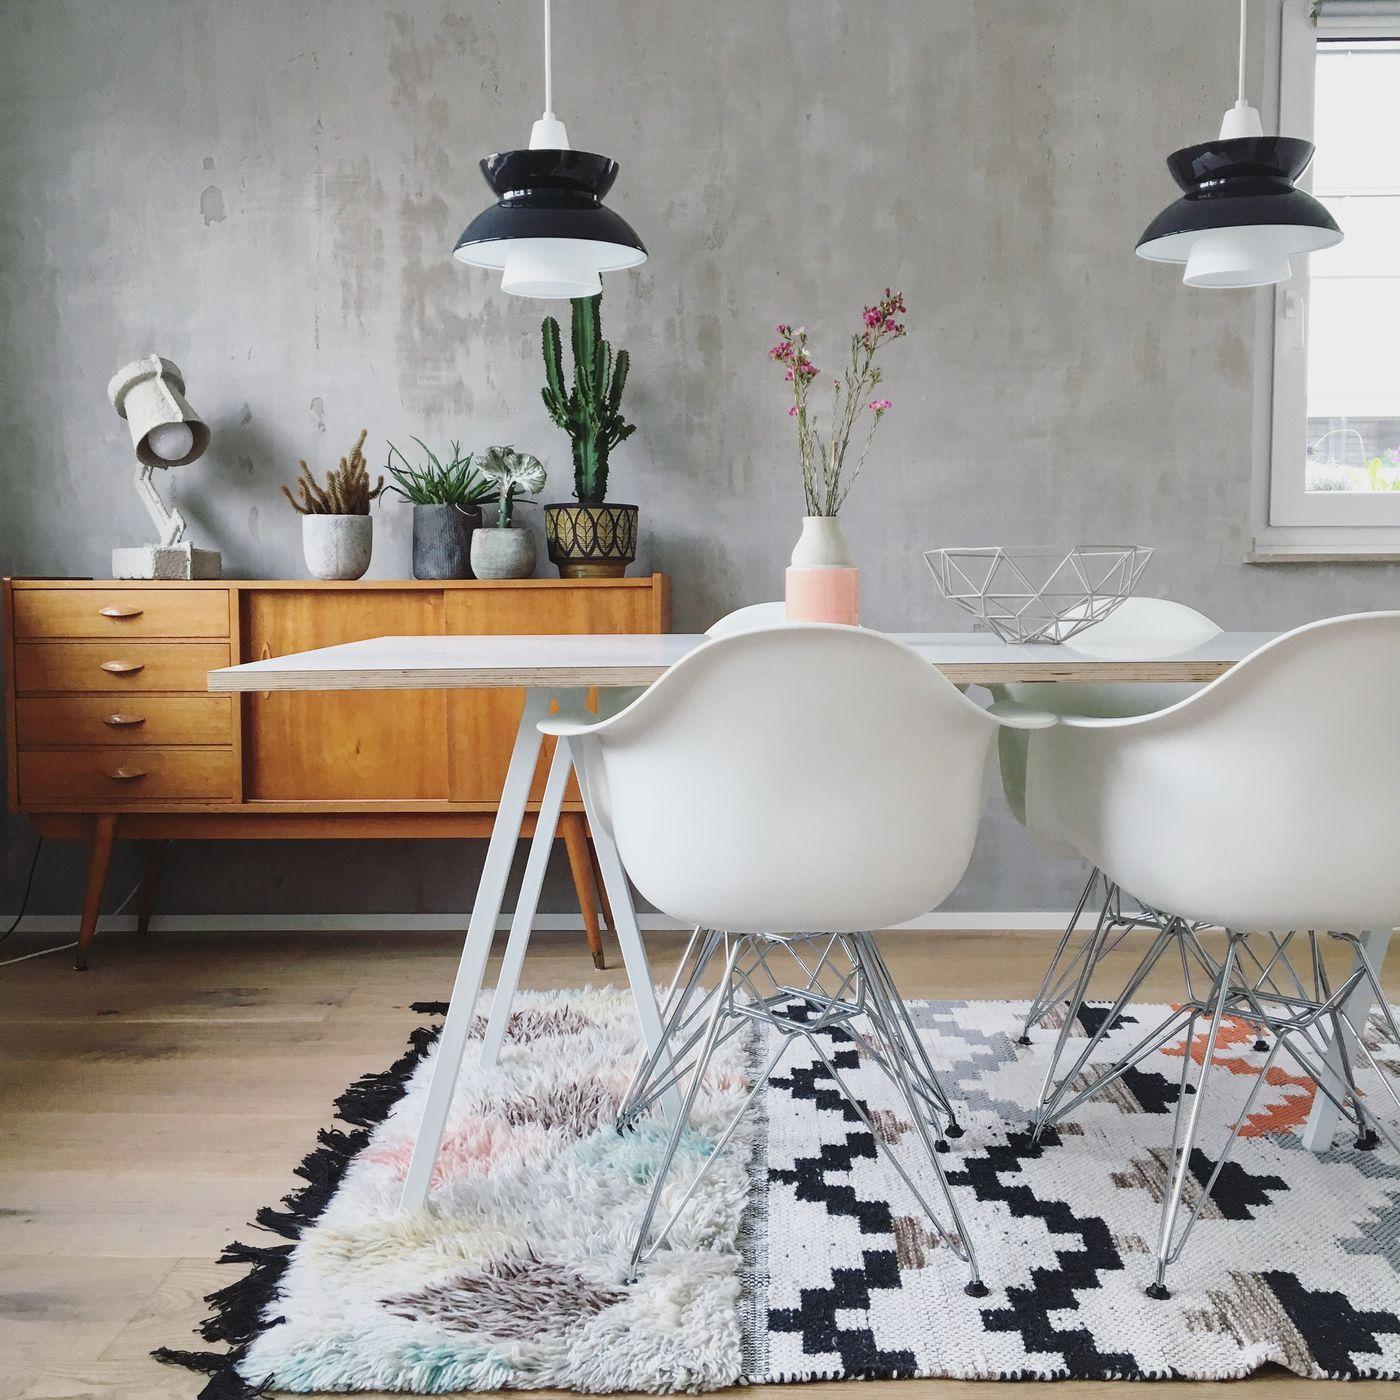 esszimmer farblich gestalten, die besten ideen für die wandgestaltung im esszimmer, Design ideen